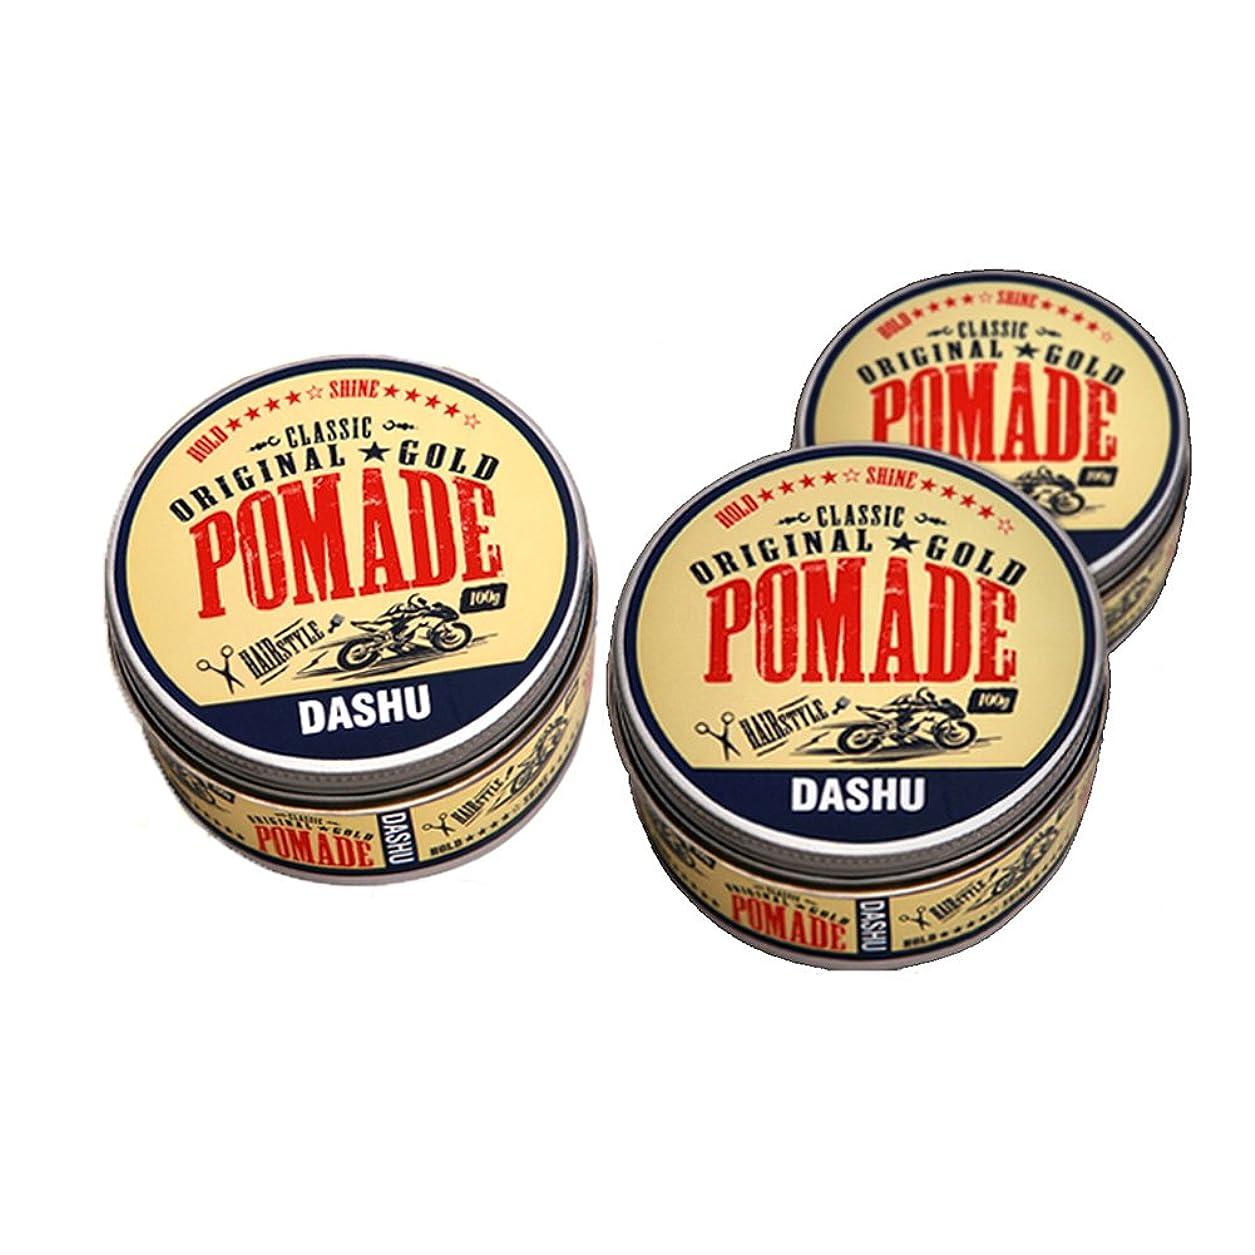 無謀比喩凝縮する(3個セット) x [DASHU] ダシュ クラシックオリジナルゴールドポマードヘアワックス Classic Original Gold Pomade Hair Wax 100ml / 韓国製 . 韓国直送品